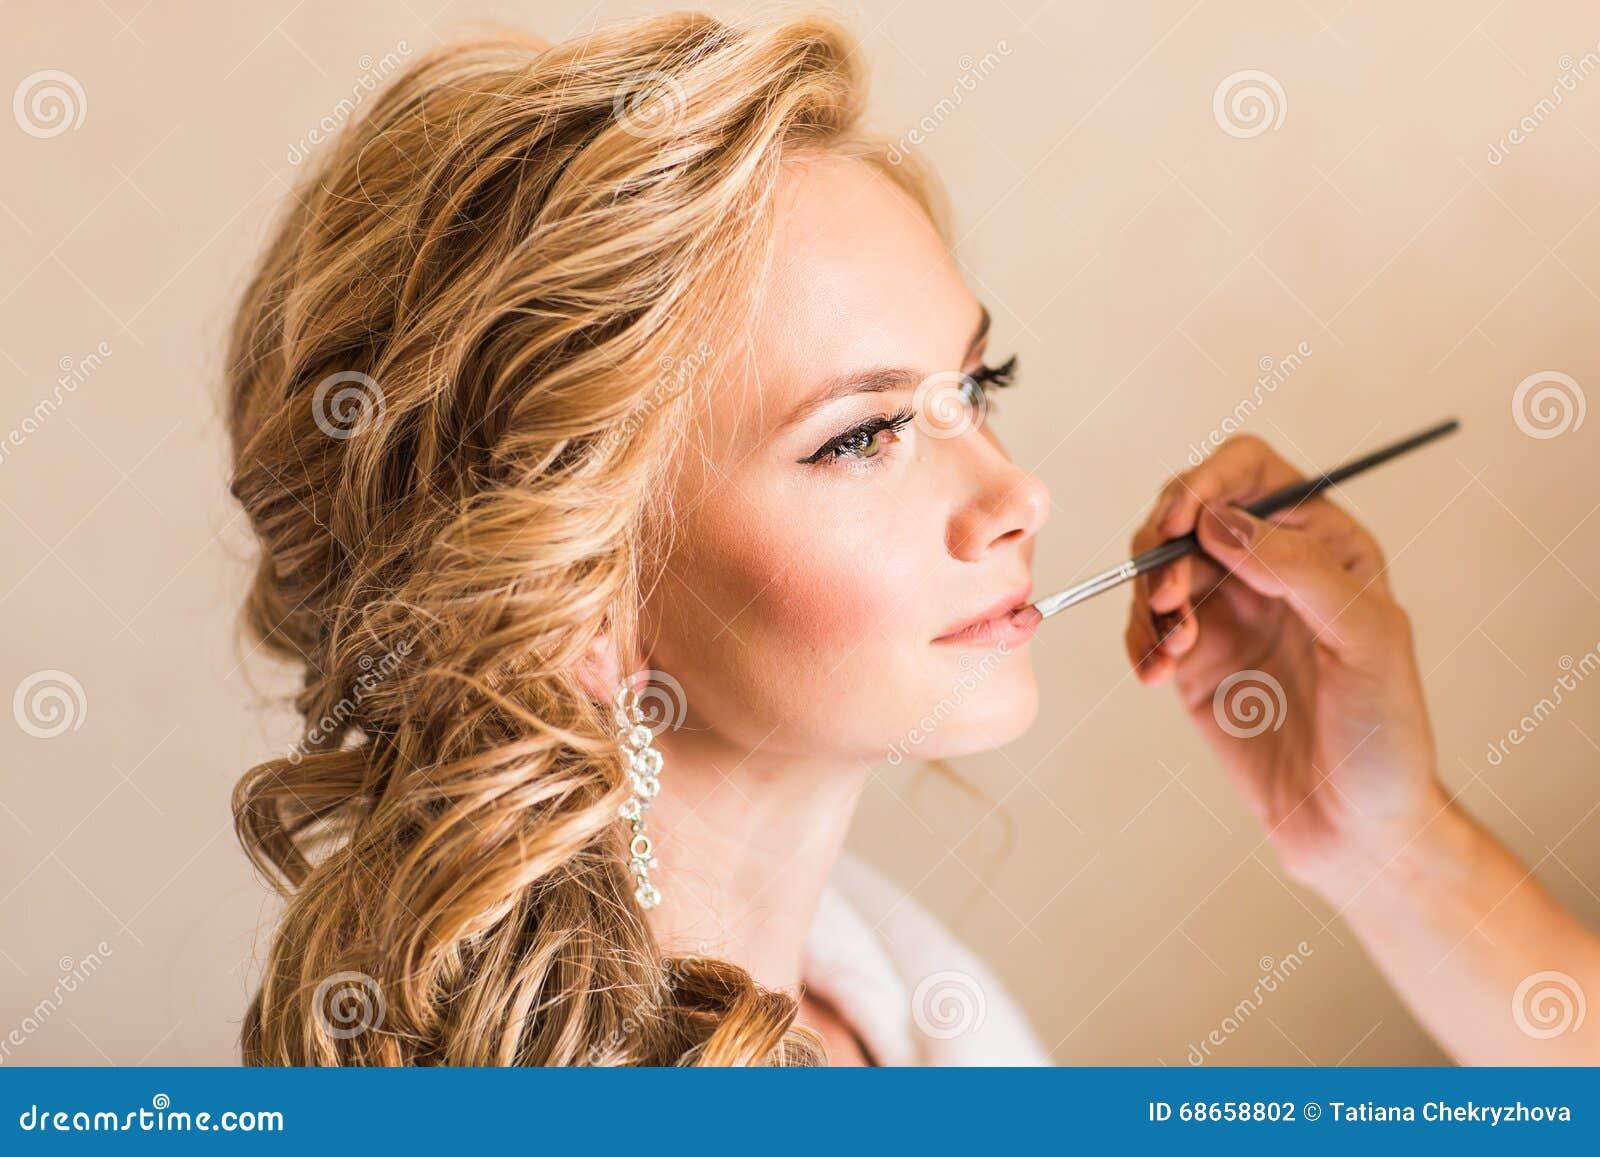 Hochzeitsmaskenbildner, der eine Wieder gutmachung Braut macht Schönes sexy vorbildliches Mädchen zuhause Schönheitsblondine mit